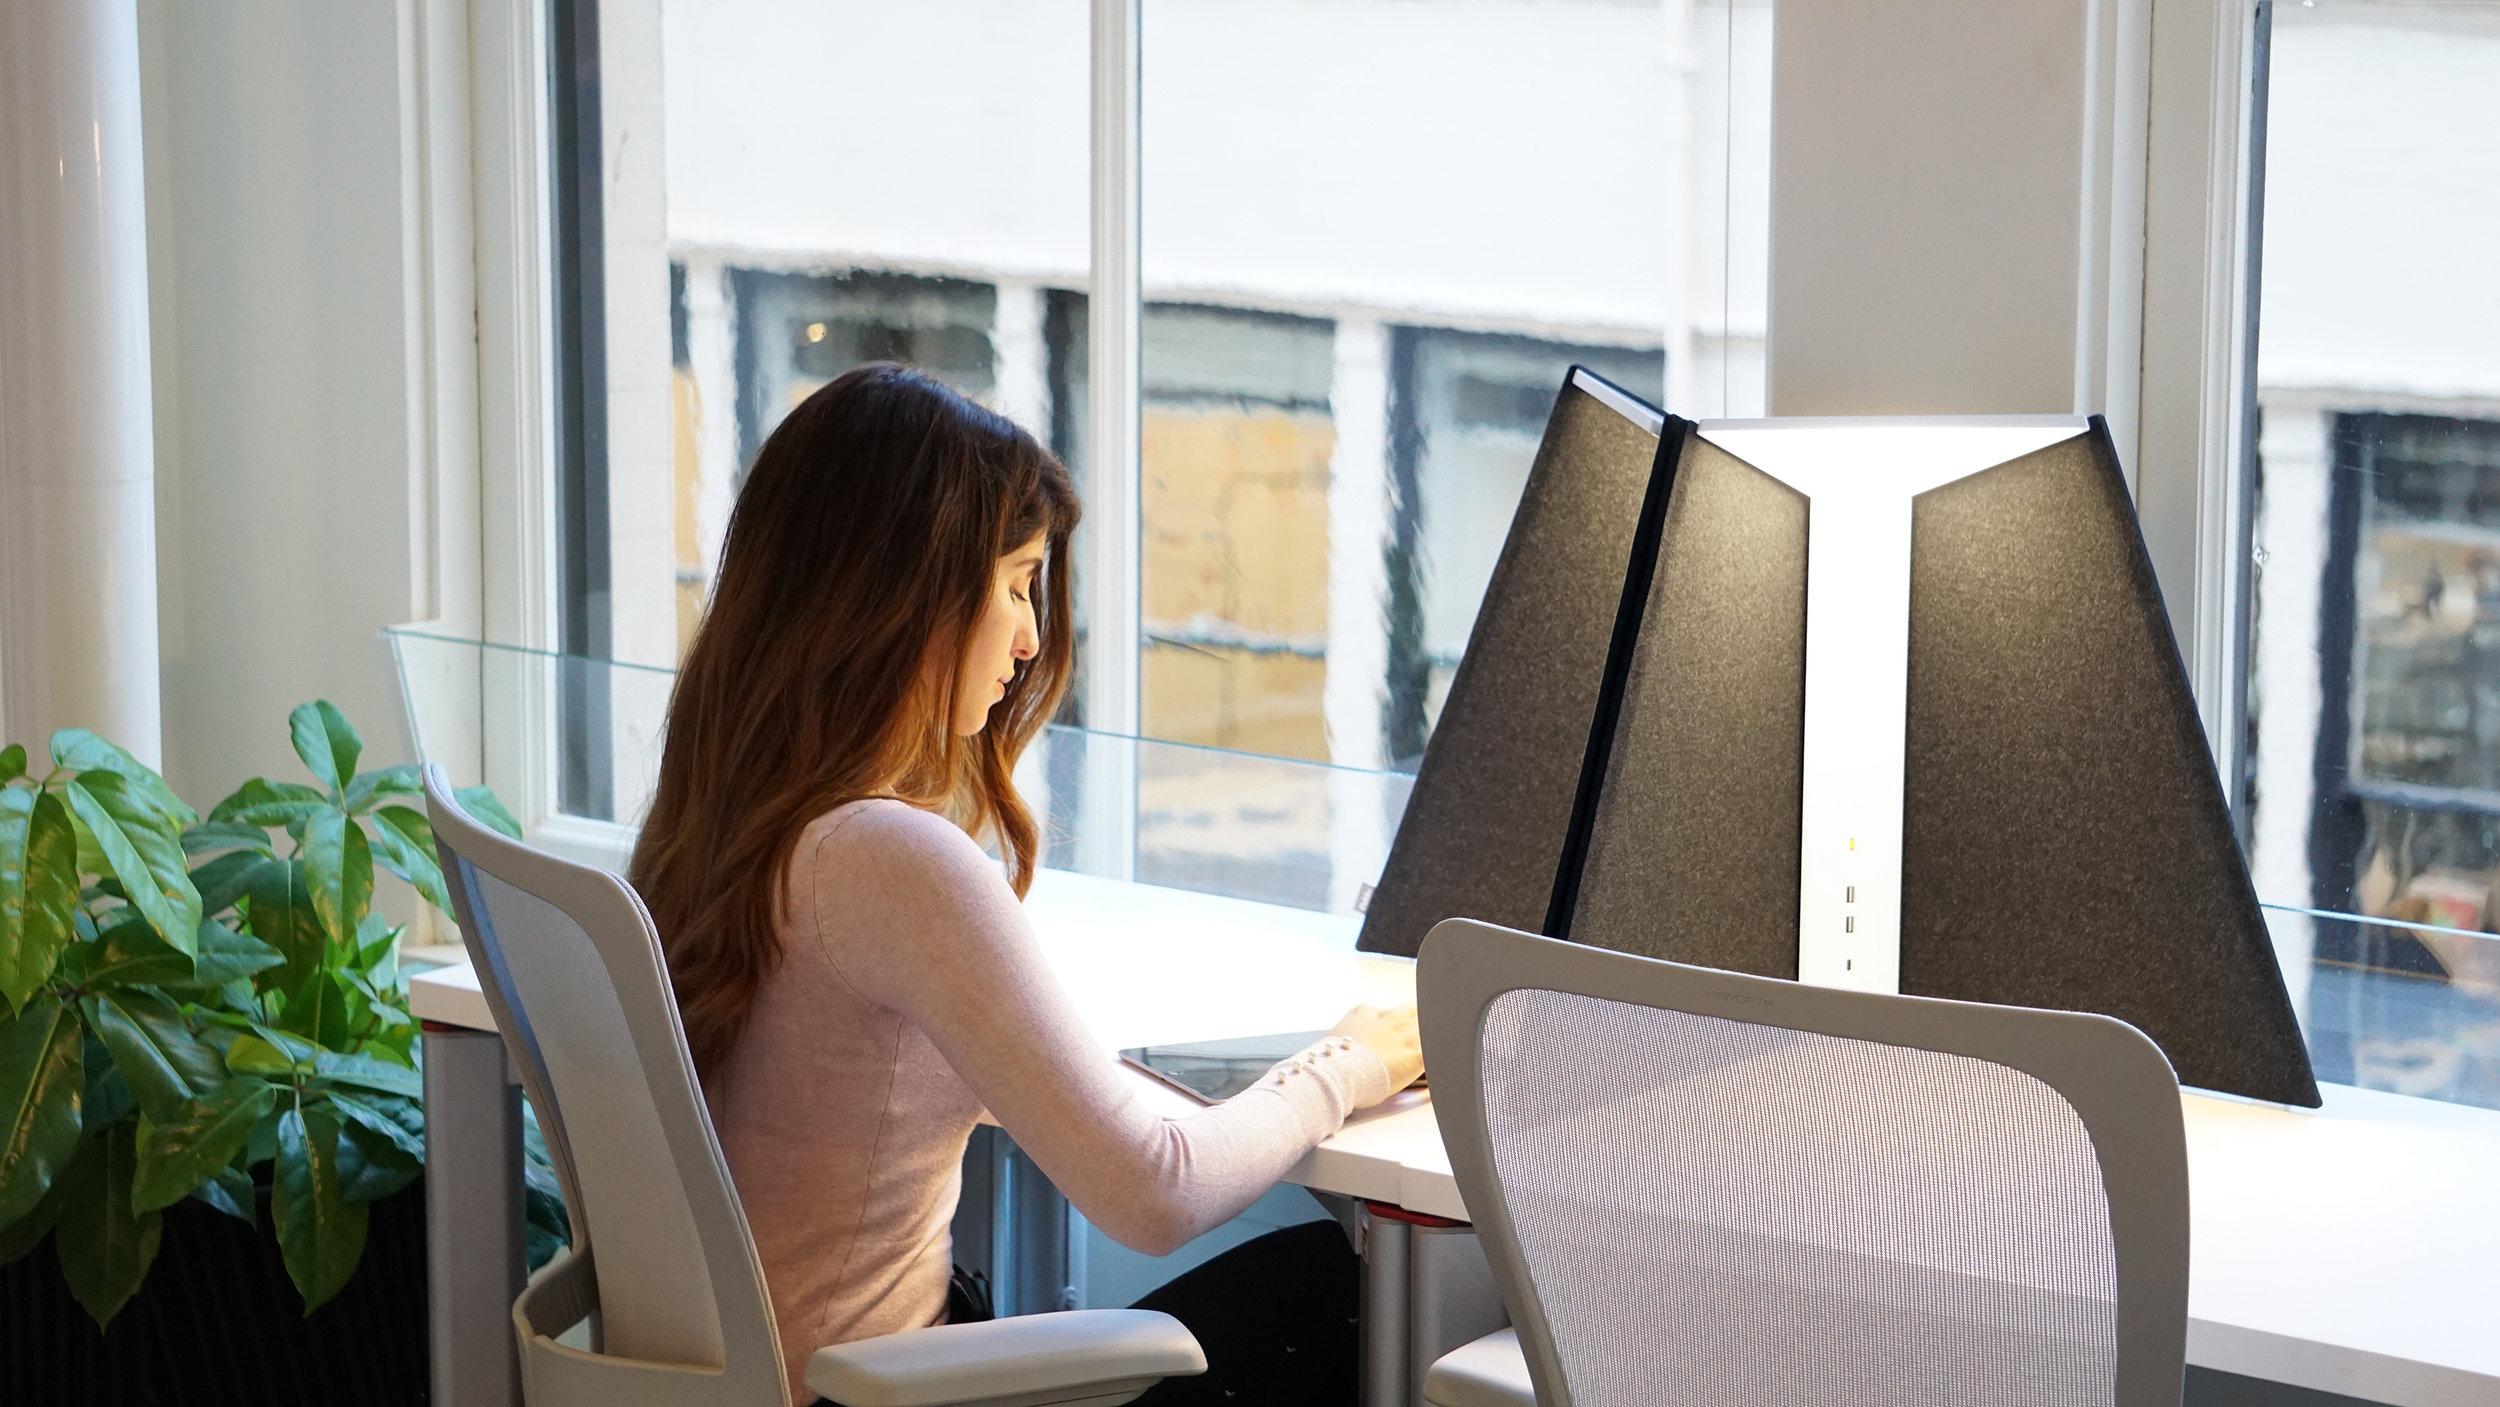 Corner Office 15 Window Side (3000px).jpg